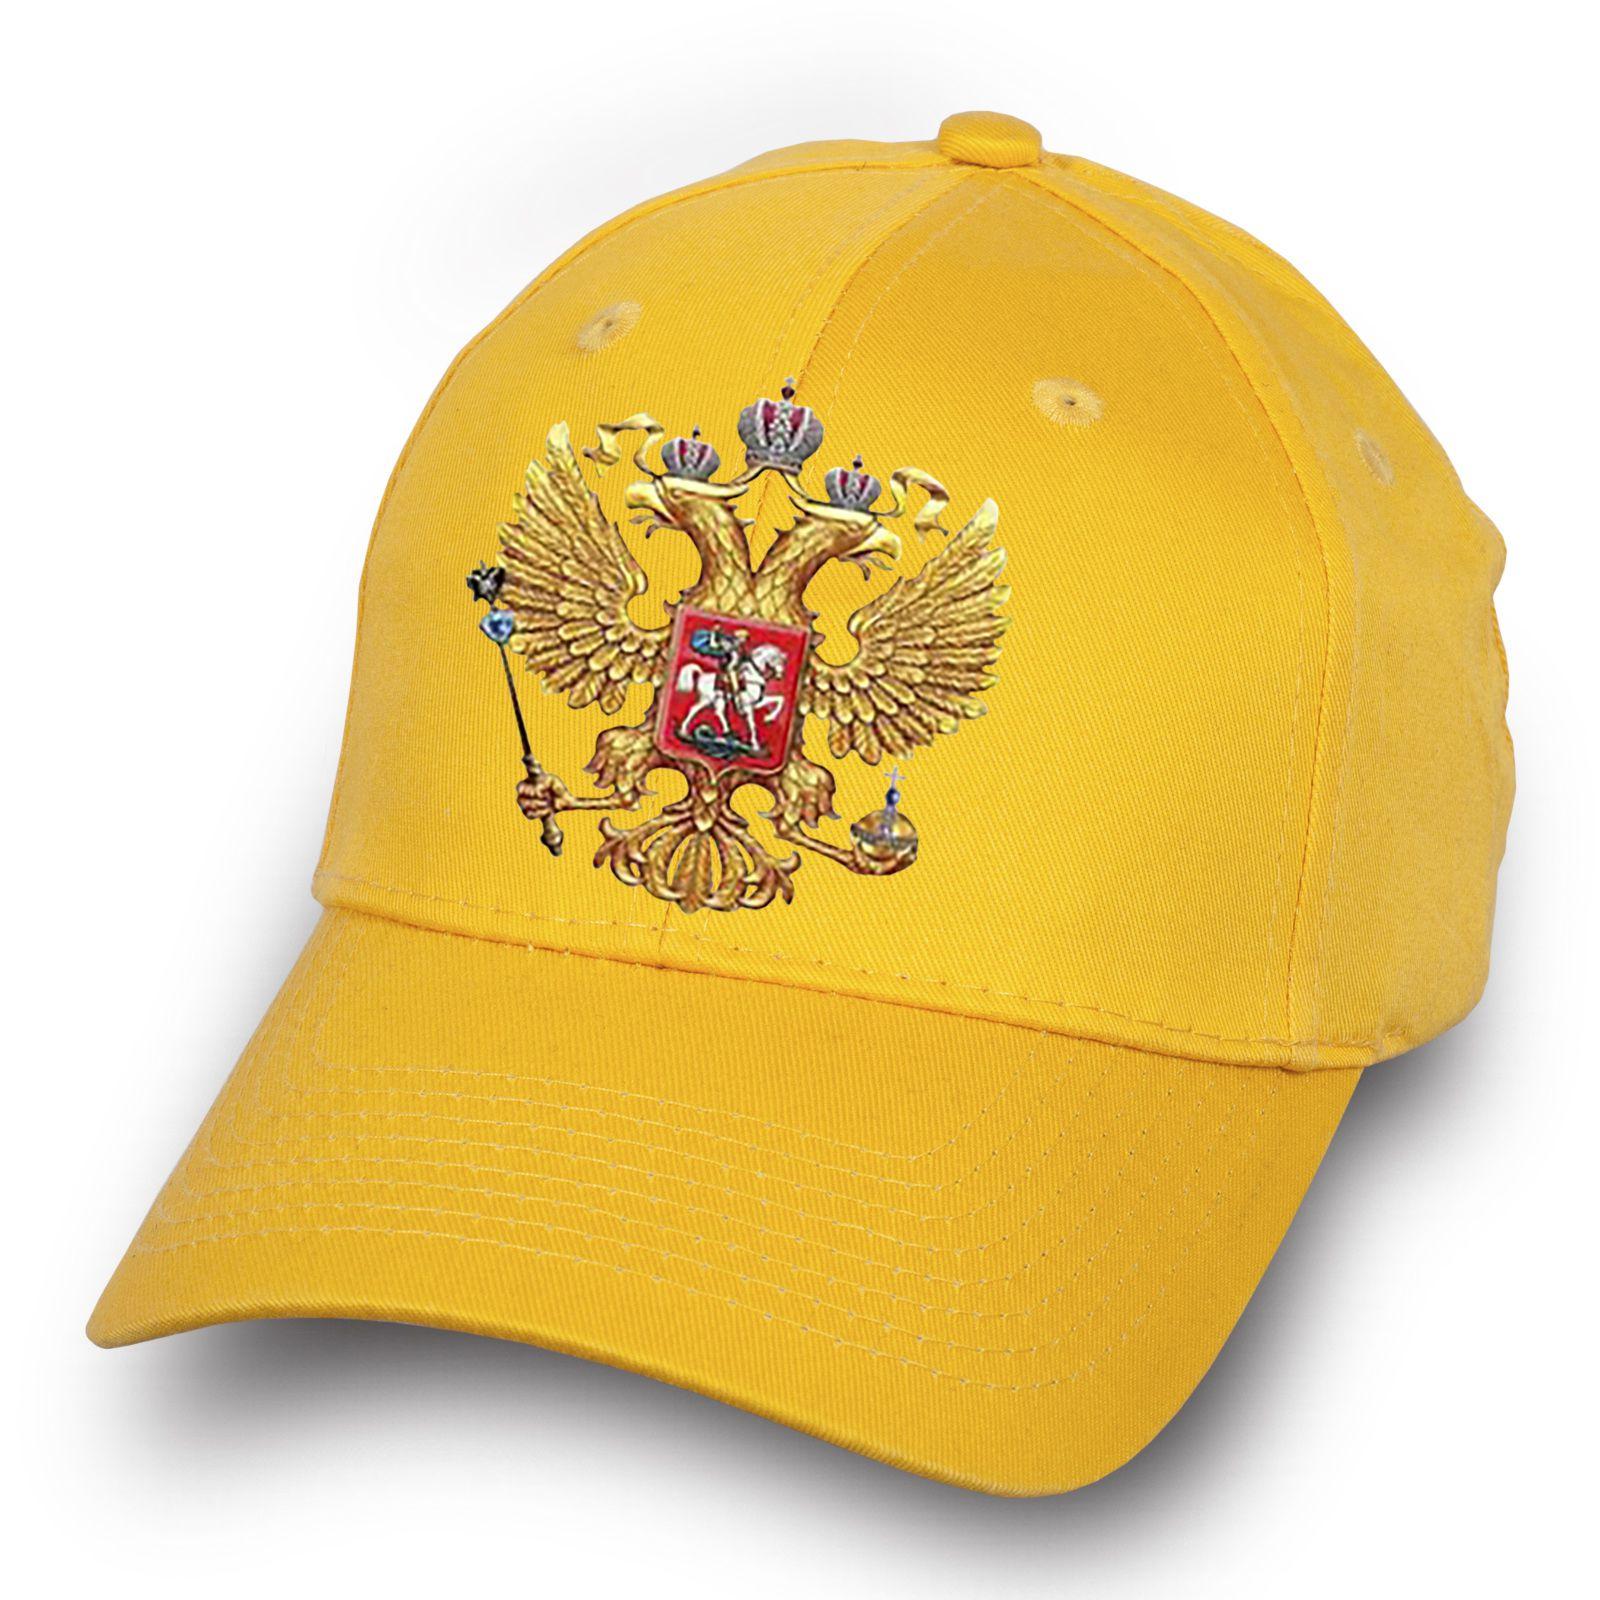 Бейсболка с гербом России - купить онлайн с достакой